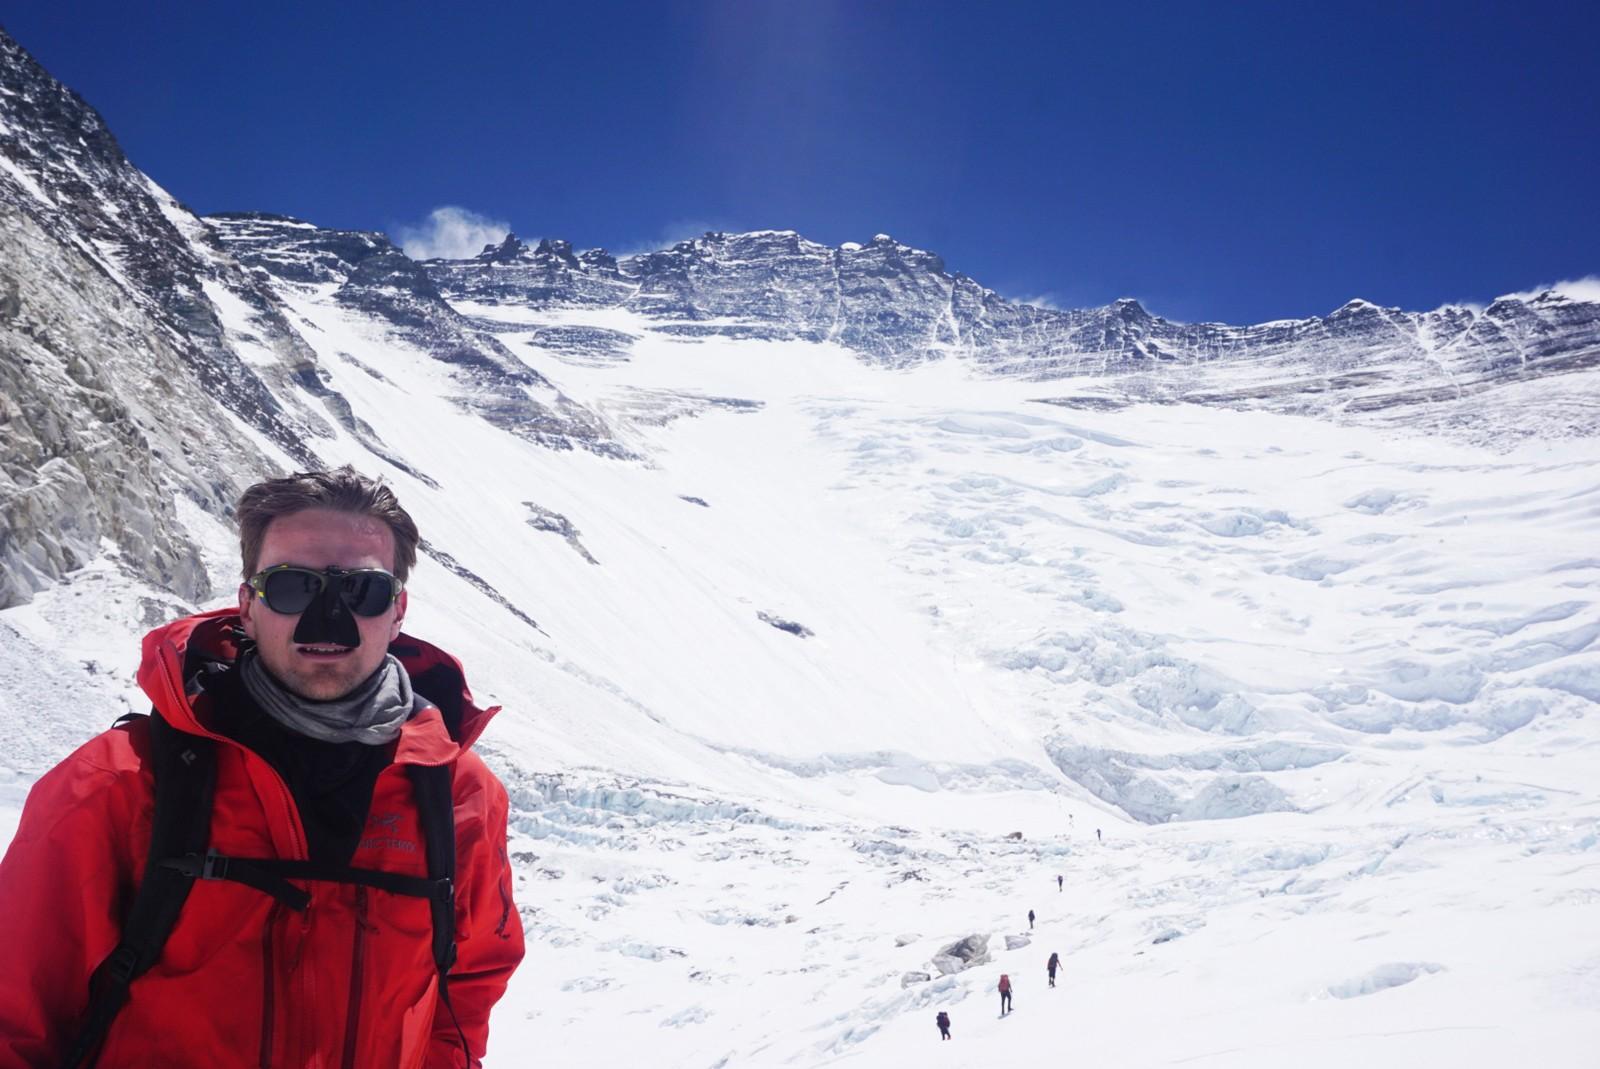 Lhotse-veggen i bakgrunnen. Camp 3 ligger midt i bakken. Camp 4 ligger over toppen rett over hodet til Torkjel. Torkjel er 28 år, og den yngste nordmann som har nådd toppen av Mount Everest.